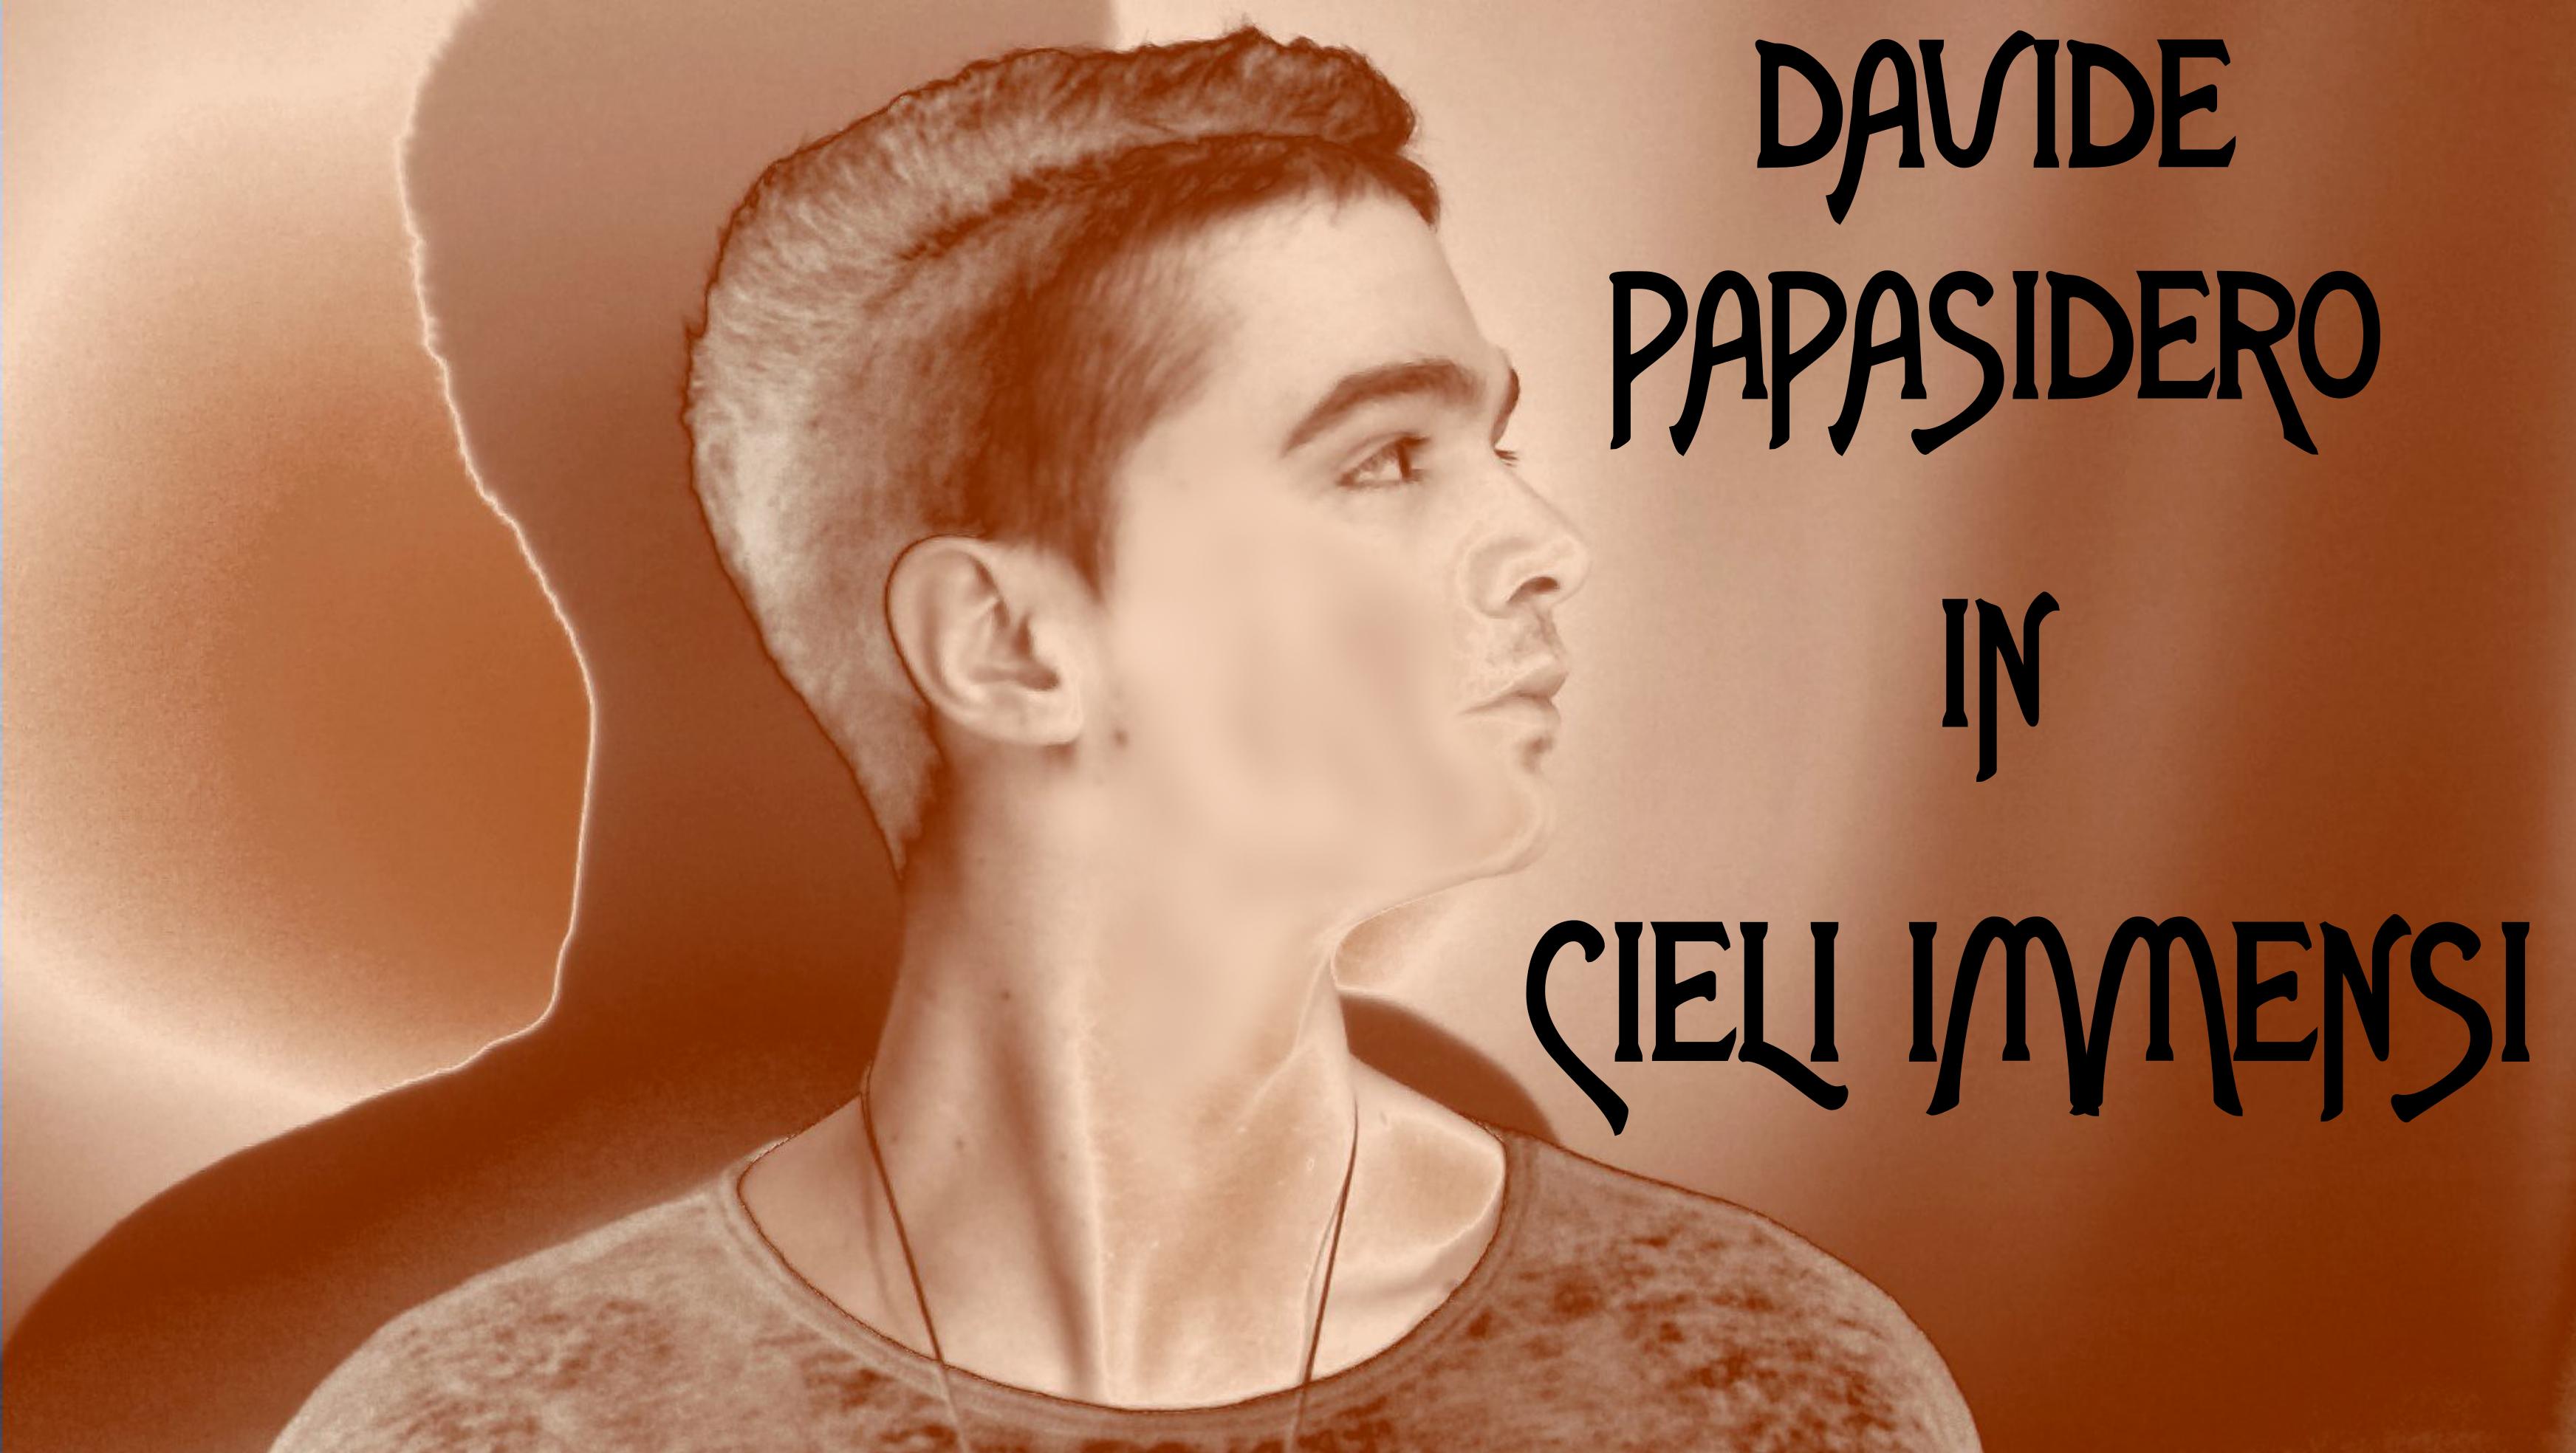 """L'eclettico Davide Papasidero, che ha debuttato a X Factor 5 e successivamente ha vinto il Festival di Castrocaro, è tornato in studio per incidere la canzone sanremese """"Cieli immensi"""", interpretata […]"""